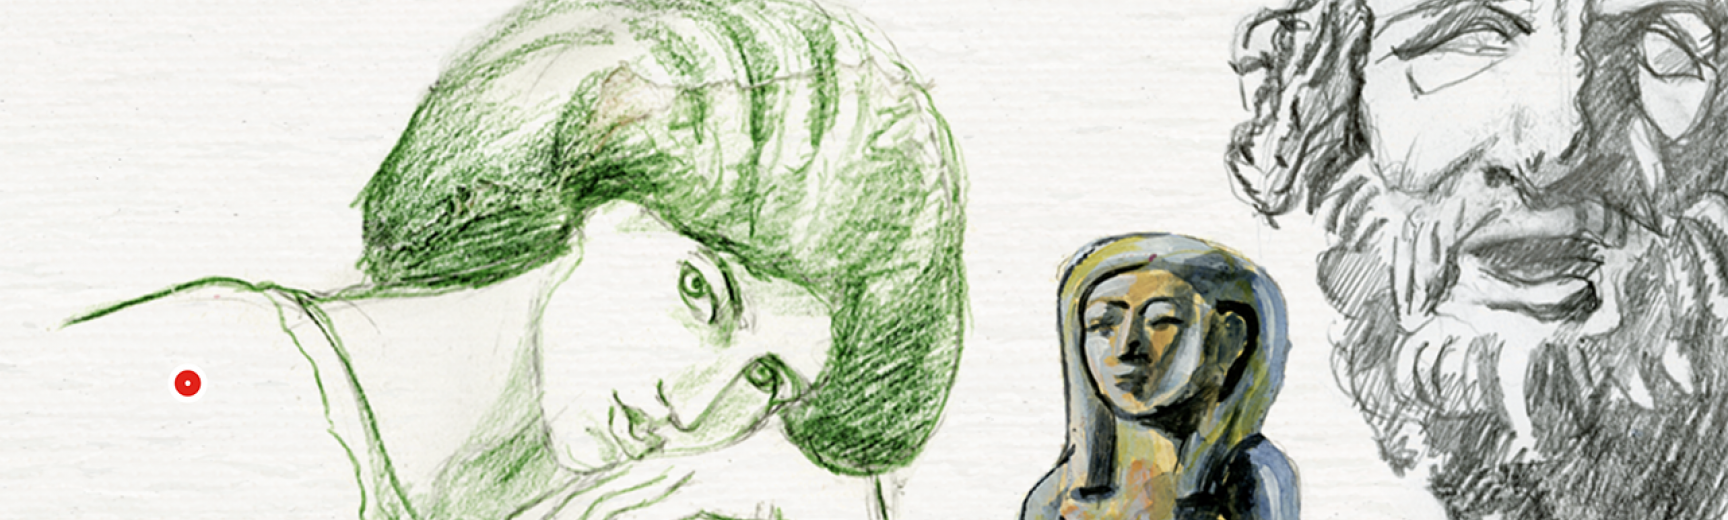 Sketchbook at the Ashmolean Museum